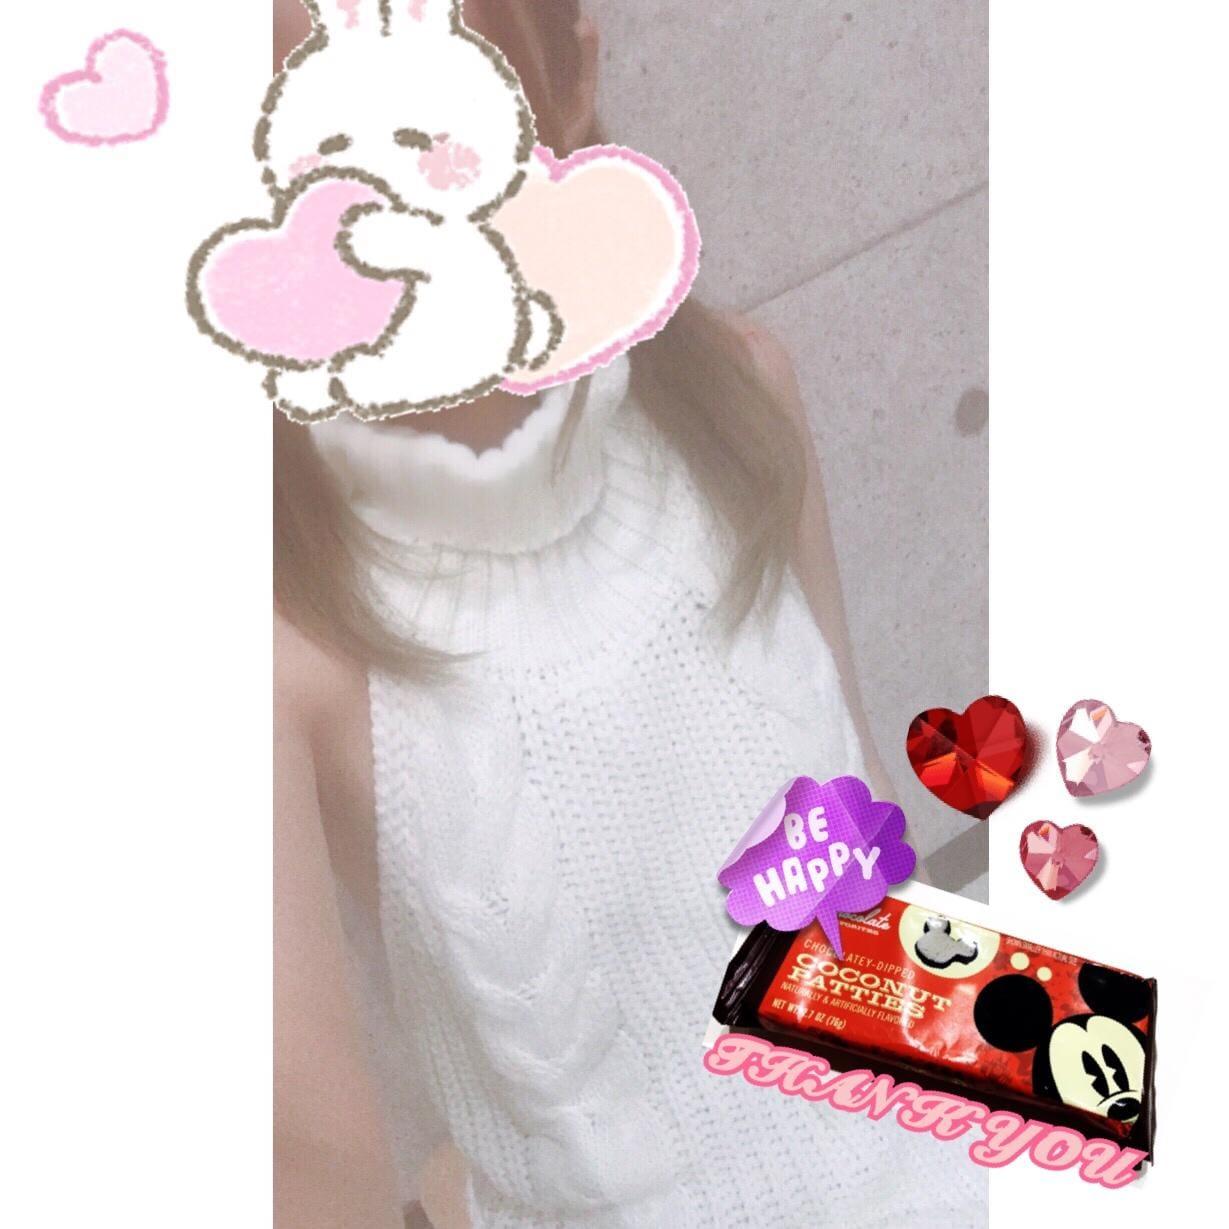 「シルバーウィーク☆」09/19(水) 18:18   れいかの写メ・風俗動画